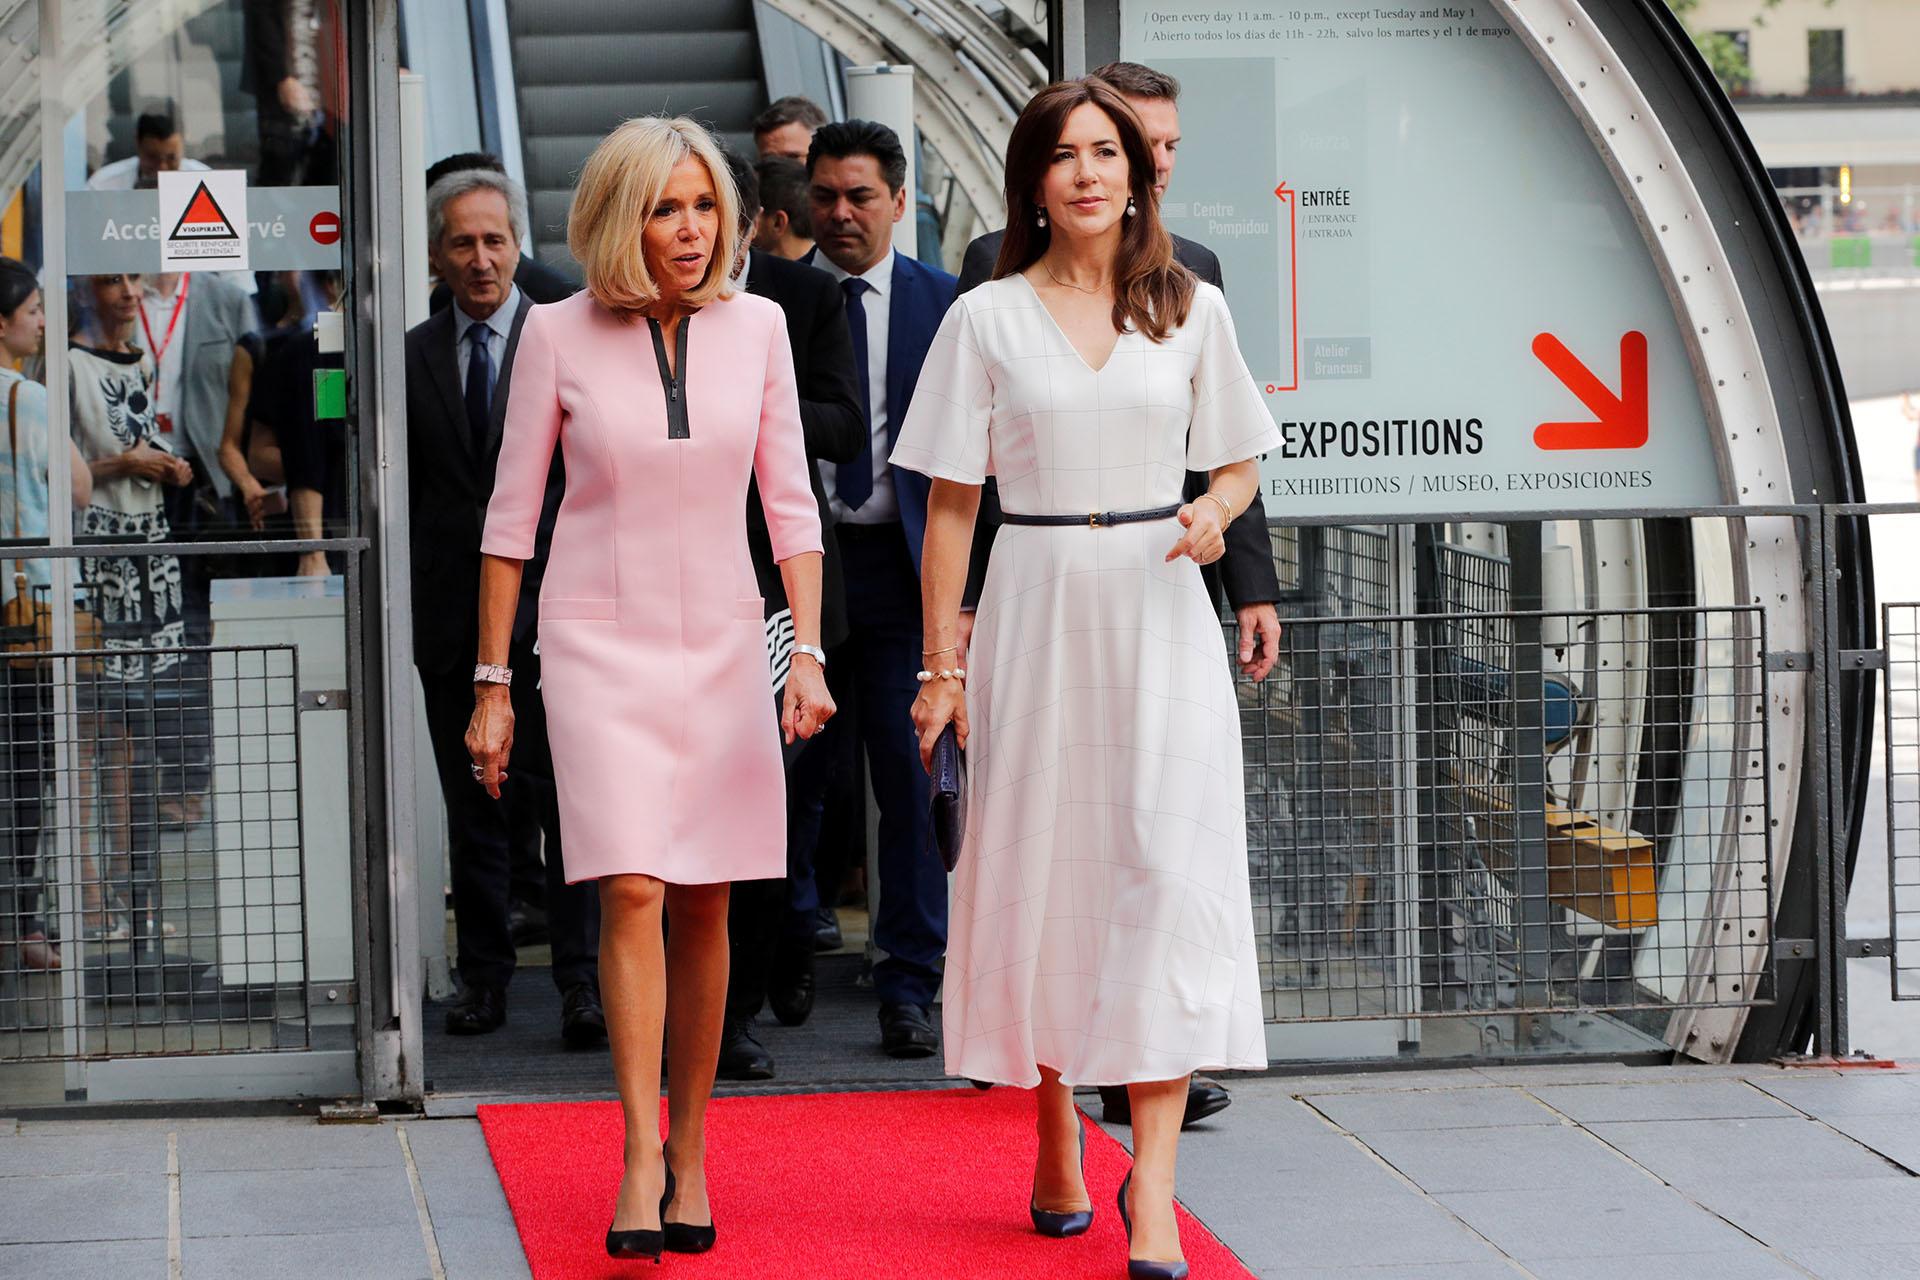 La mujer de Emanuel Macron se decantó por un vestido rosa a la rodilla, con un pequeño escote de cierre combinado con negro